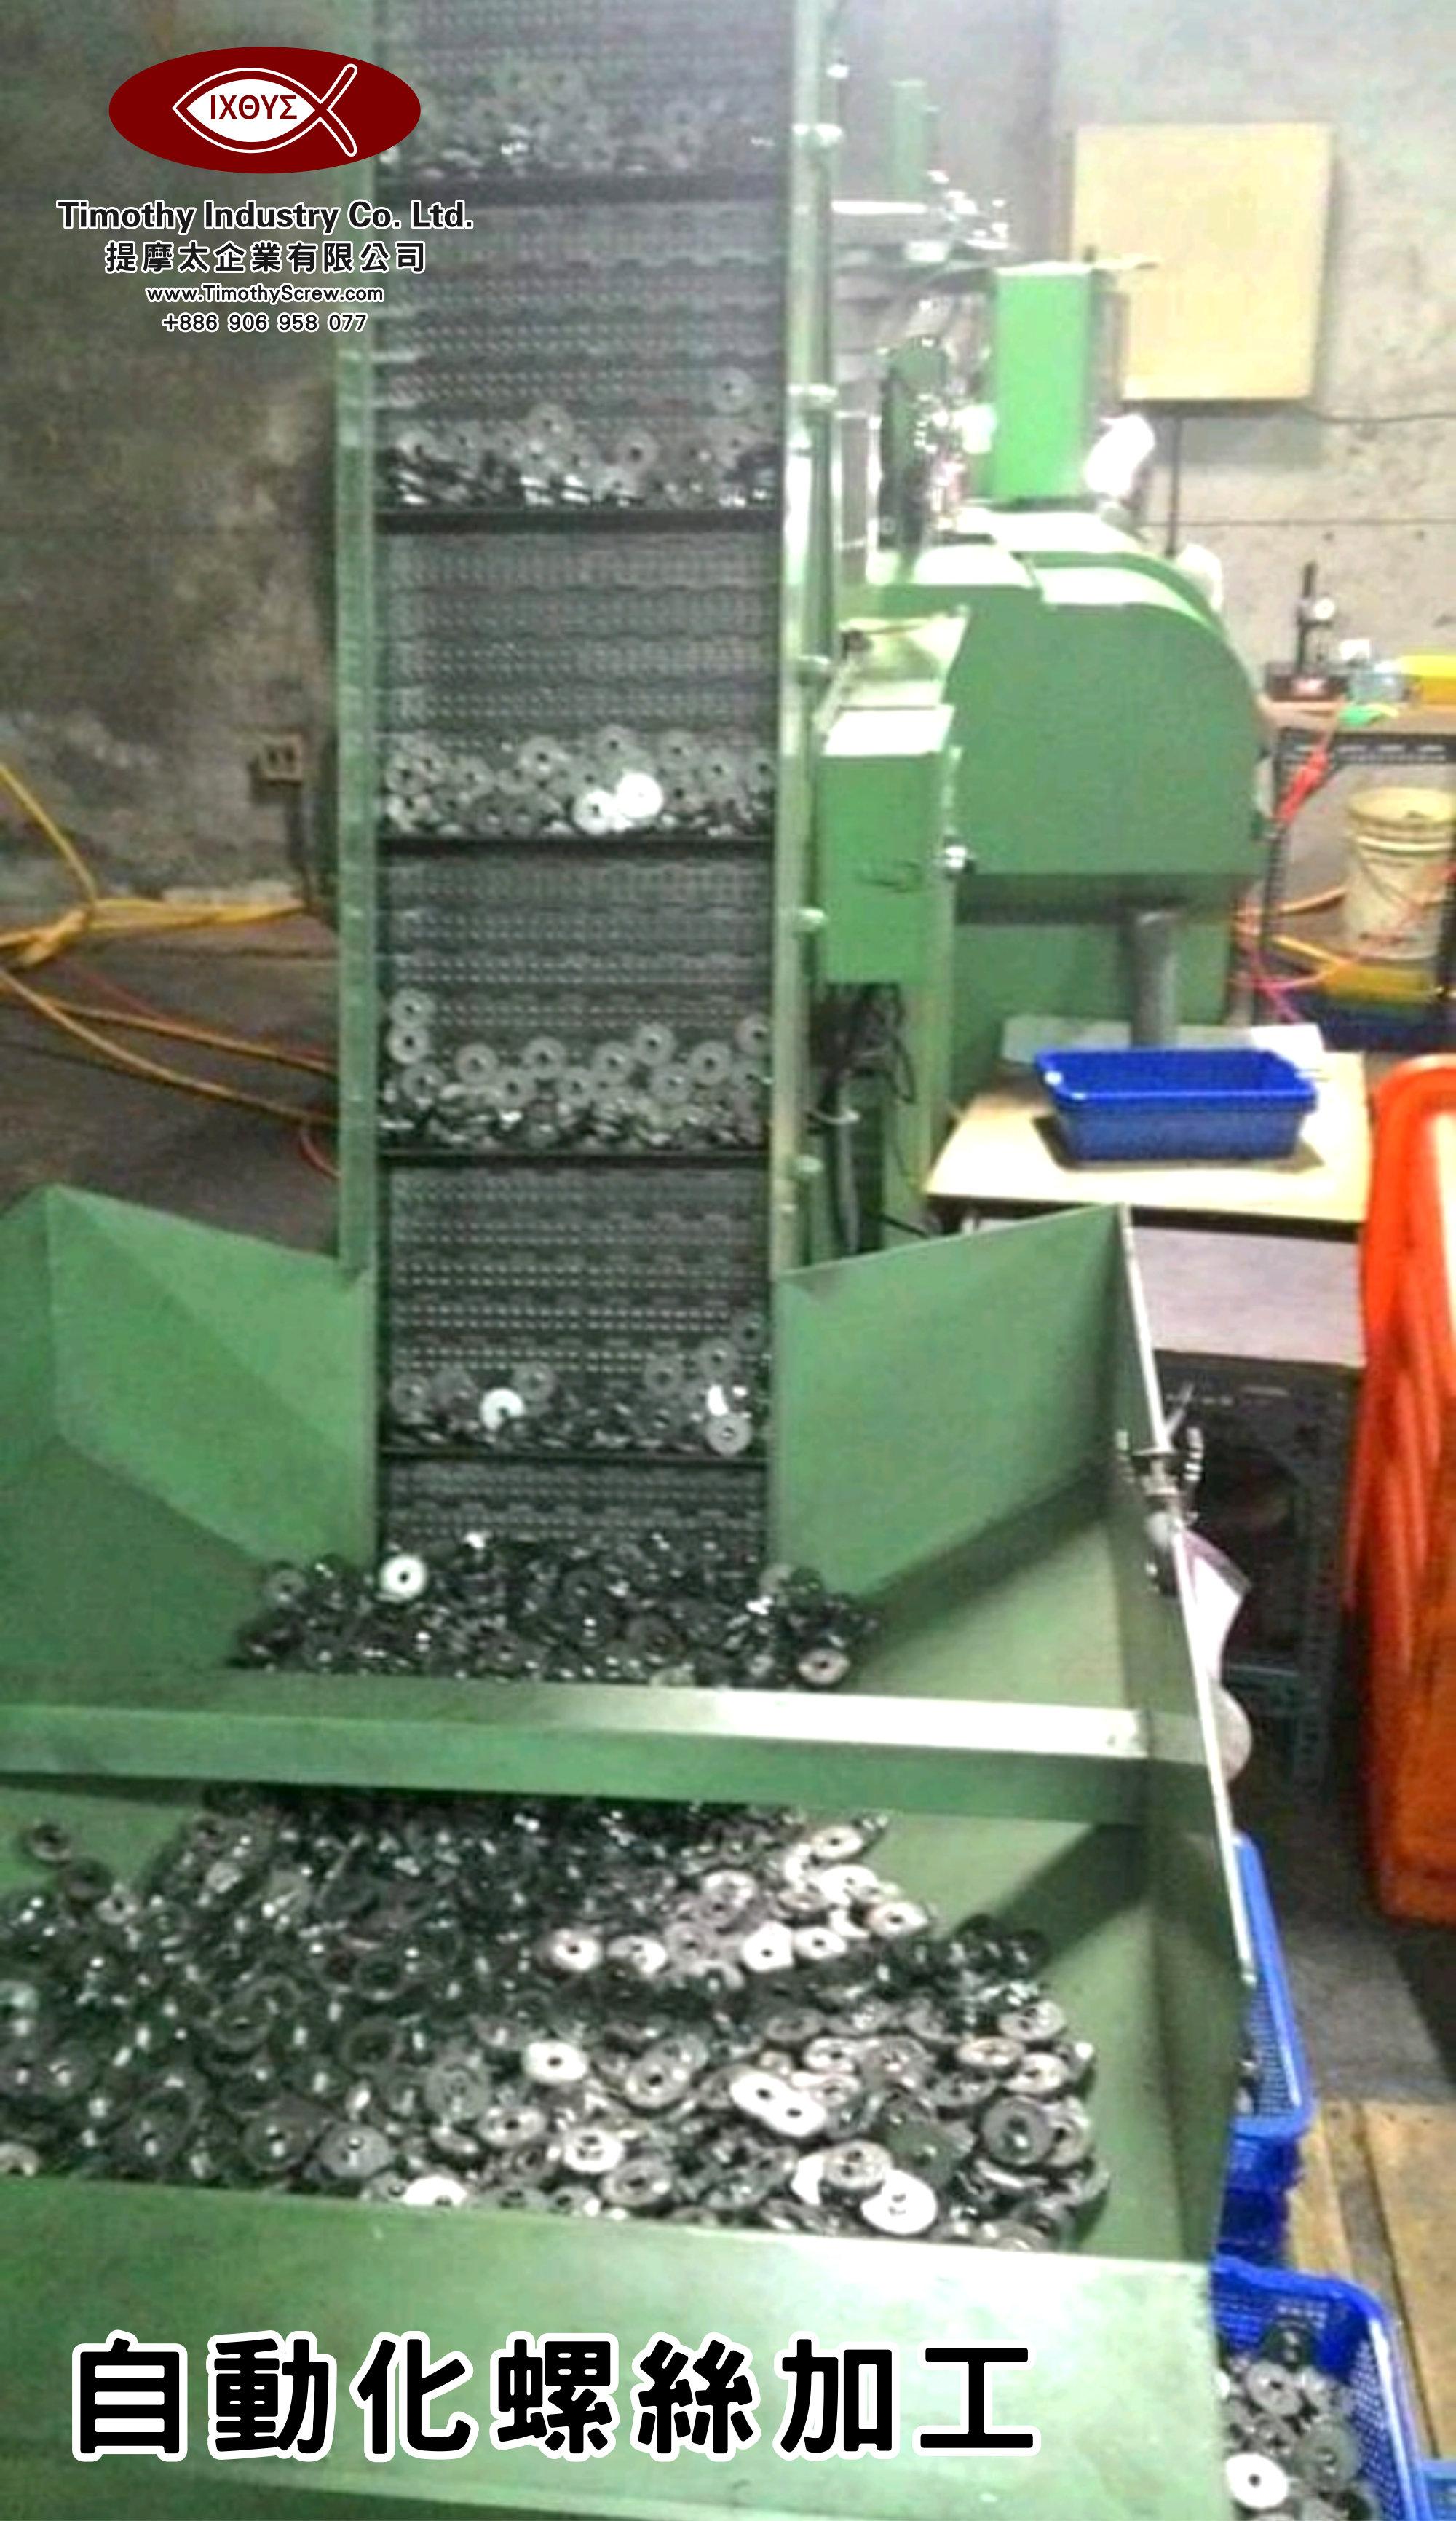 提摩太企業有限公司 Timothy Industry Co Ltd 自動化螺絲加工 車床部 銑床部 台灣自動化螺絲加工 螺絲製造 A03